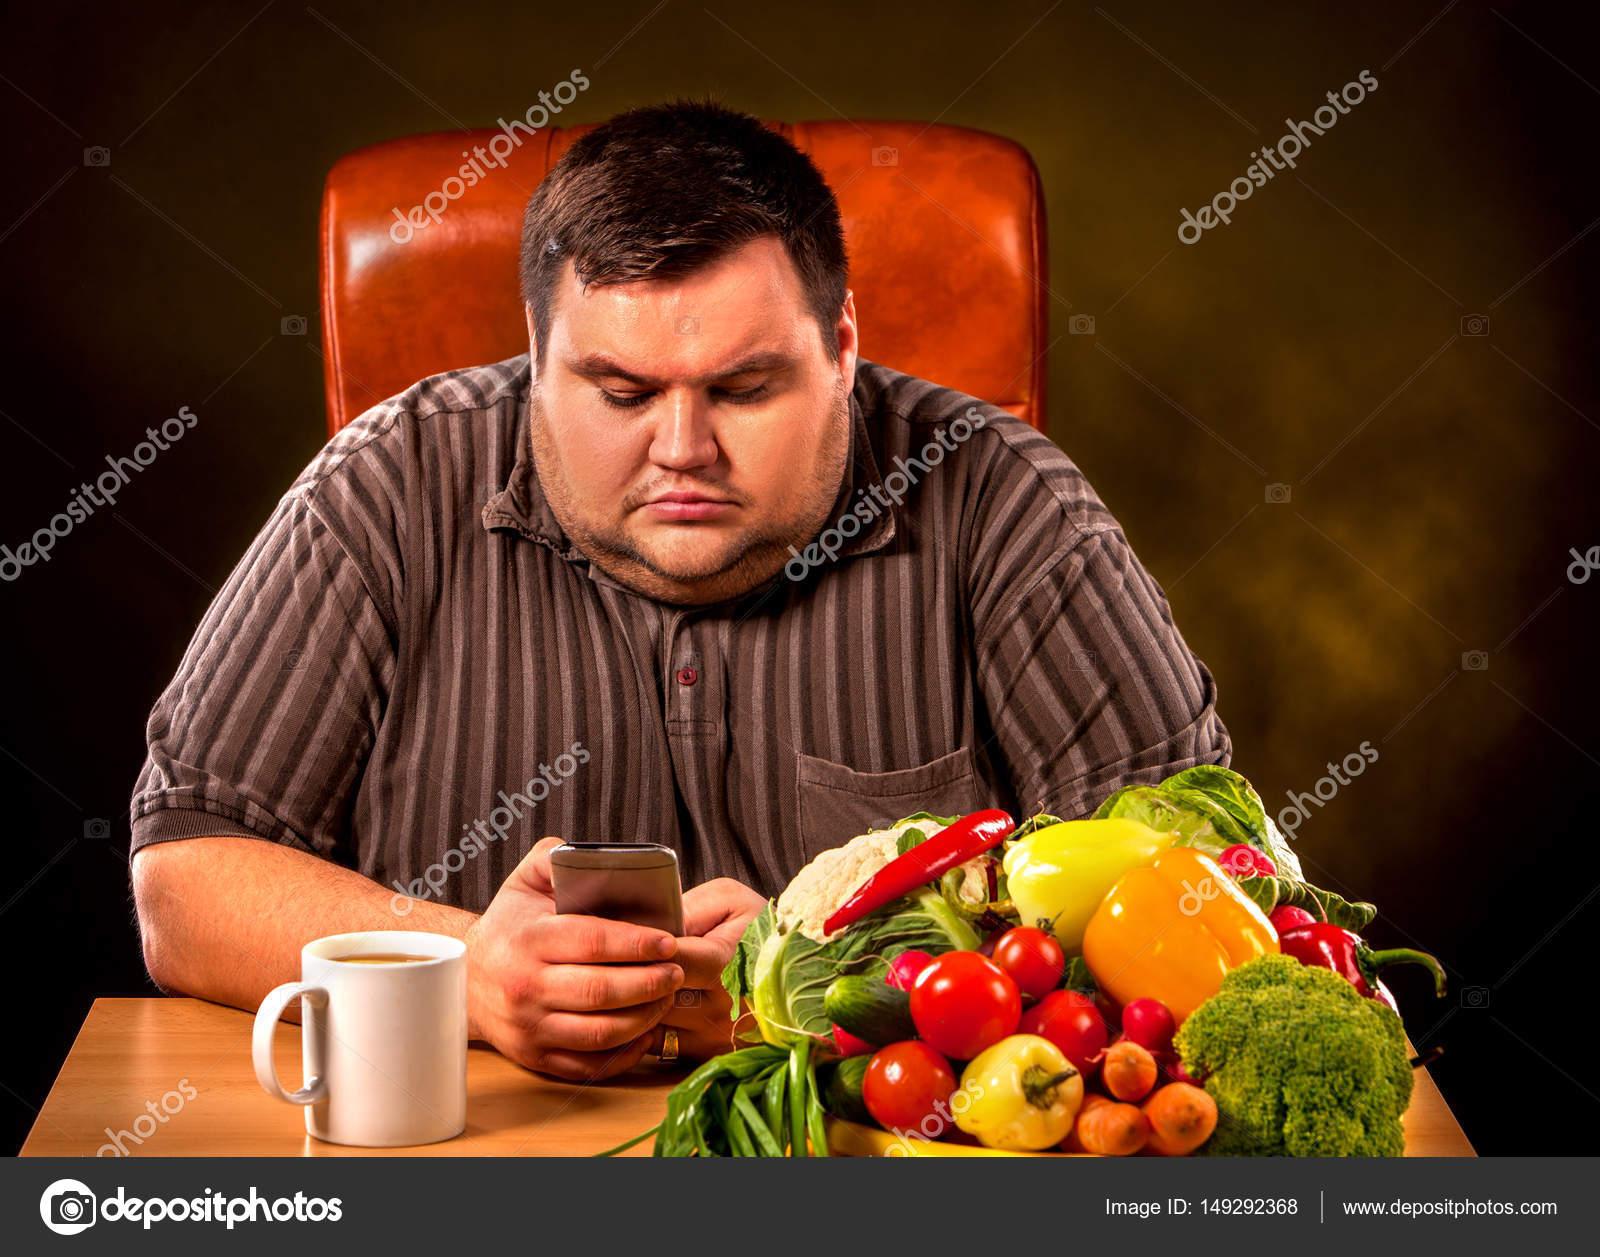 Diete Per Perdere Peso Uomo : Kg per dimagrire bisogna vincere i propri demoni altro che